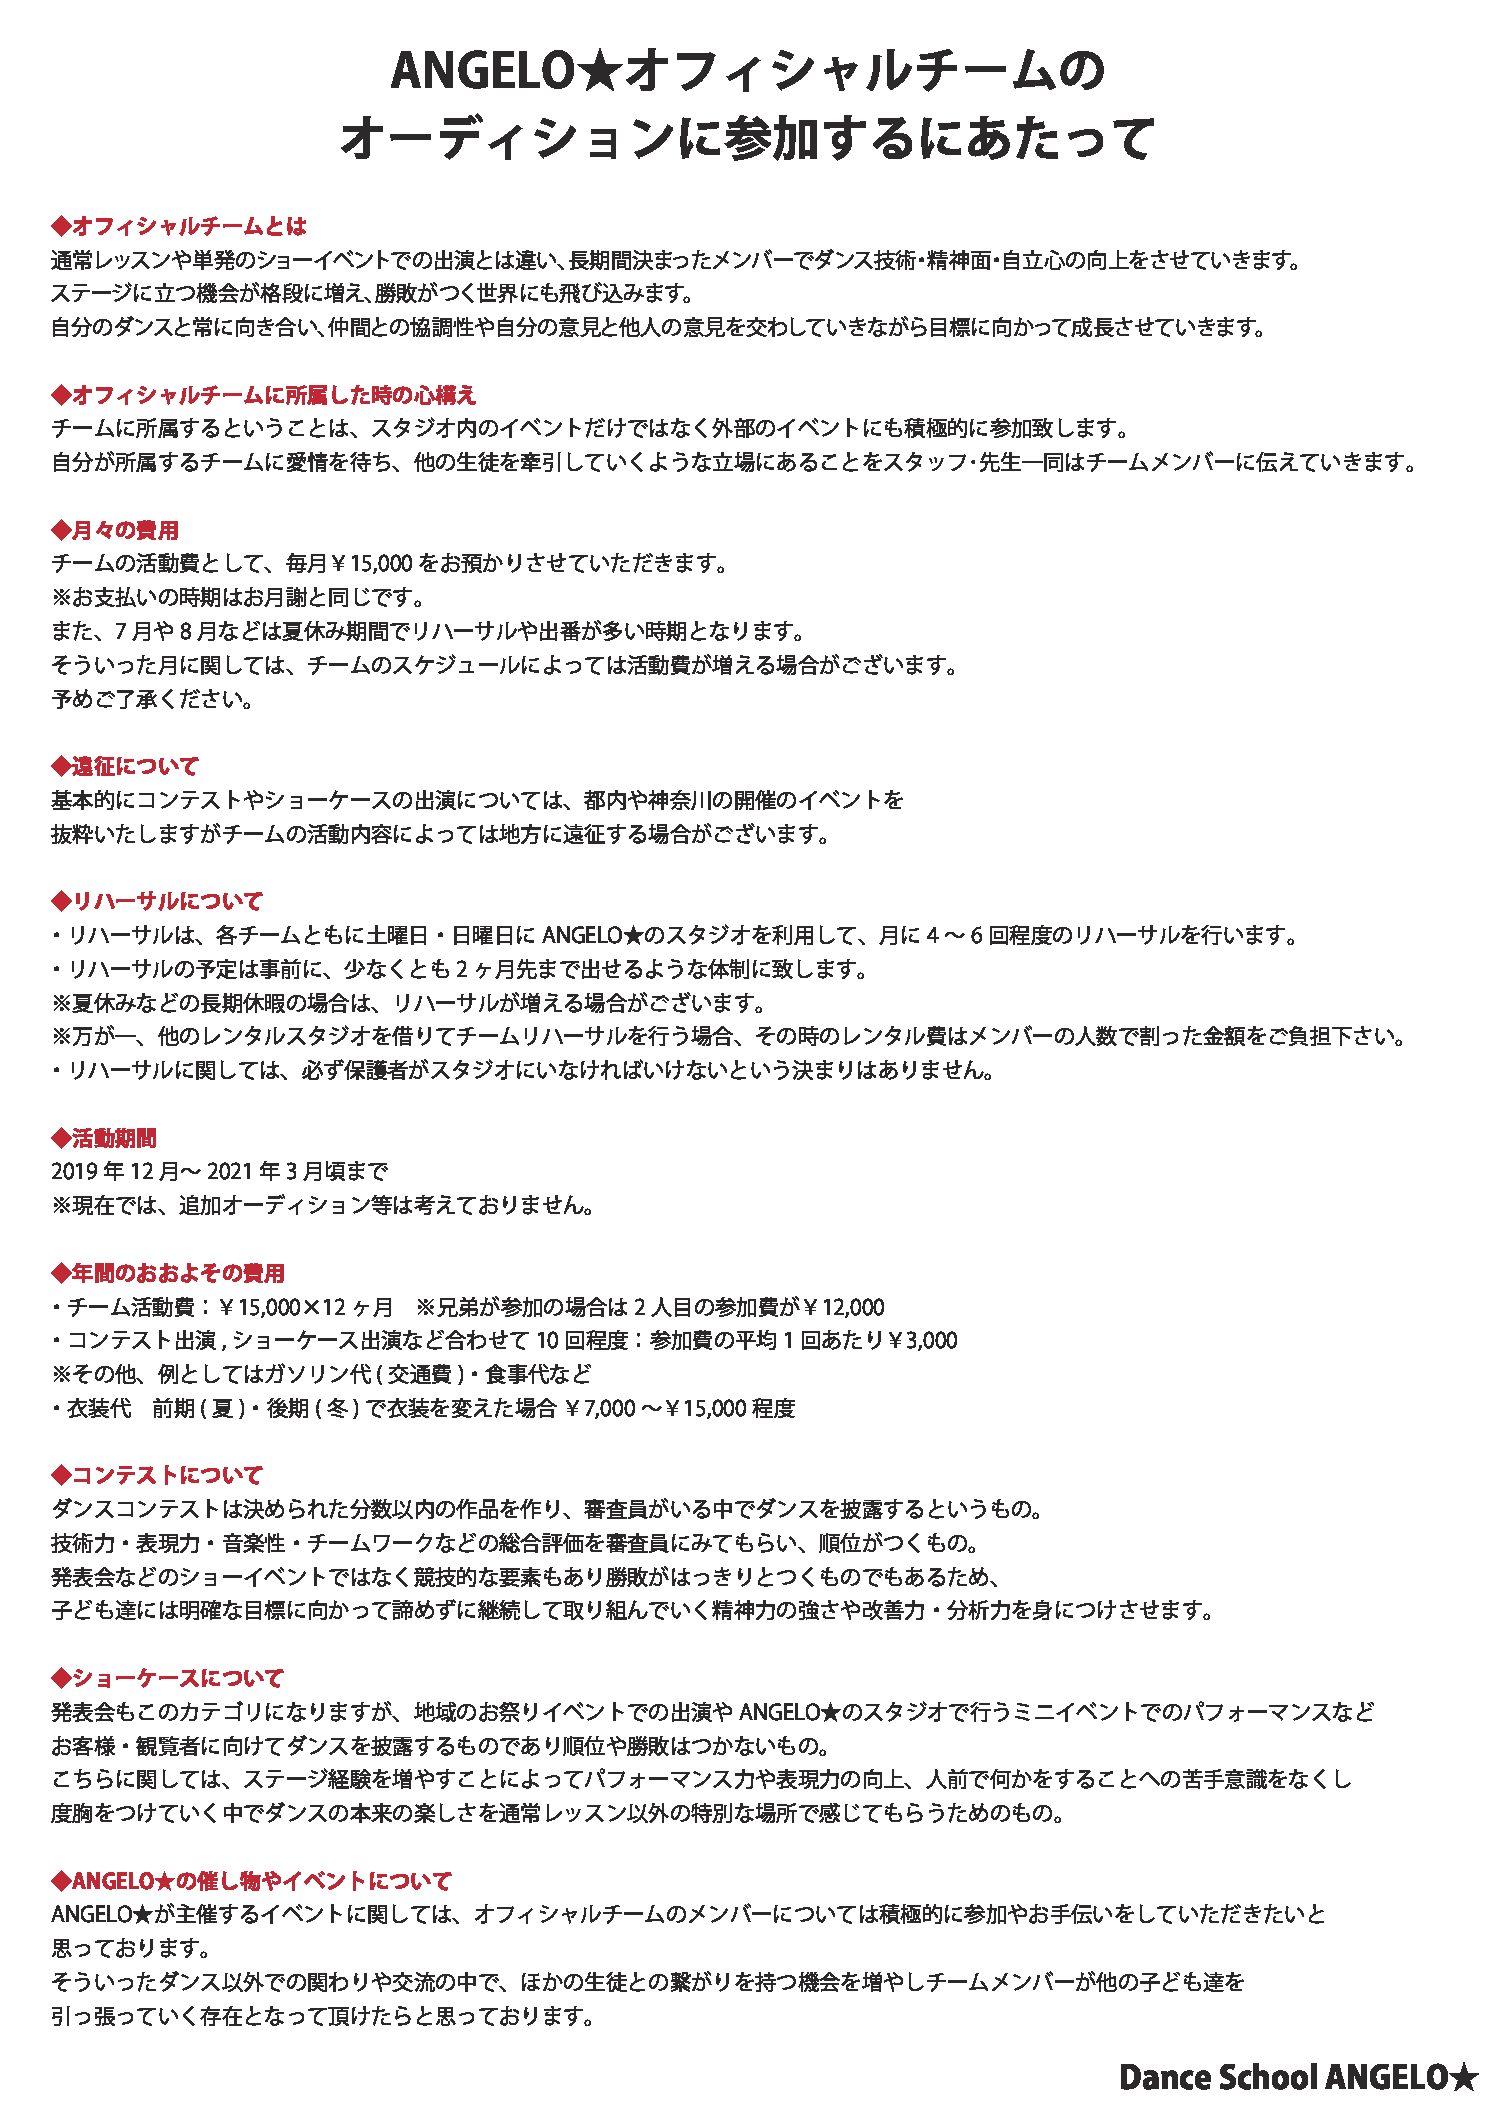 キッズダンススクールANGELO★